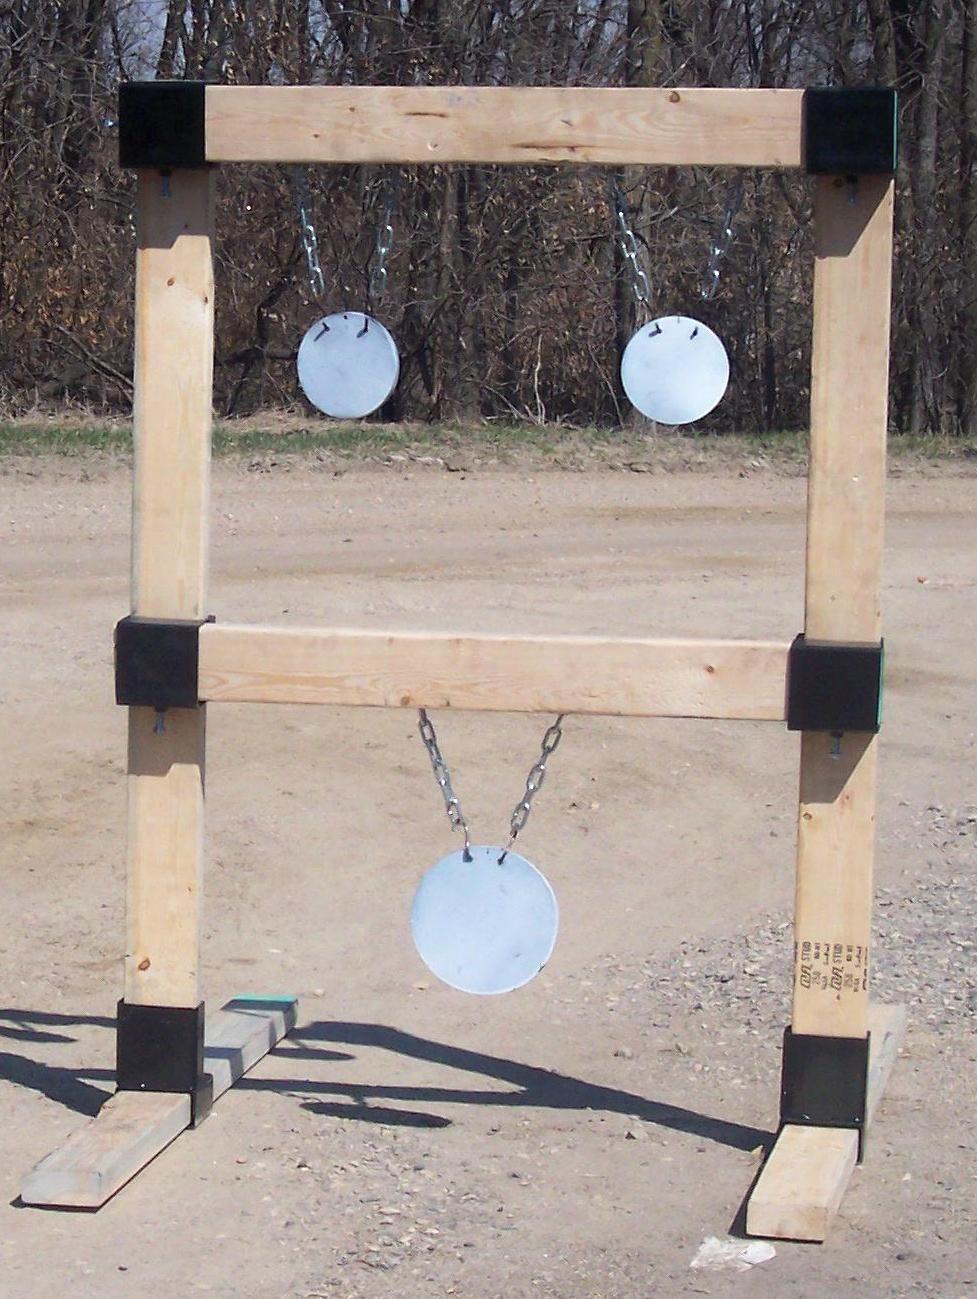 diy steel targets for shooting